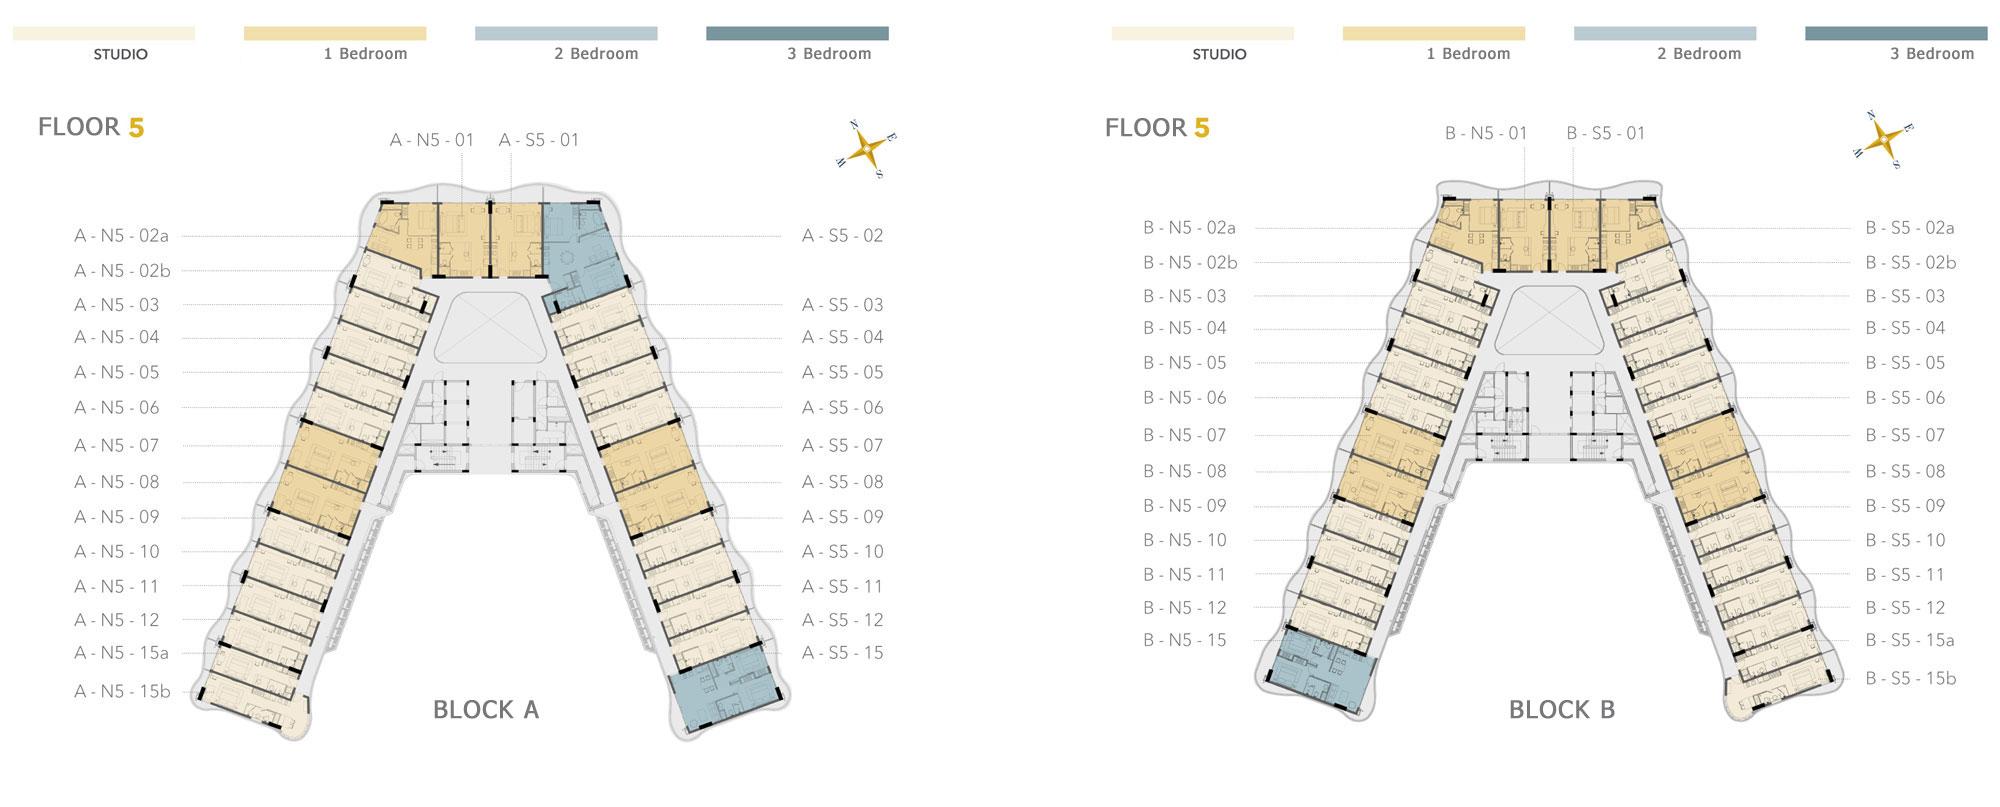 Shantira Resort Condos Floor Plan